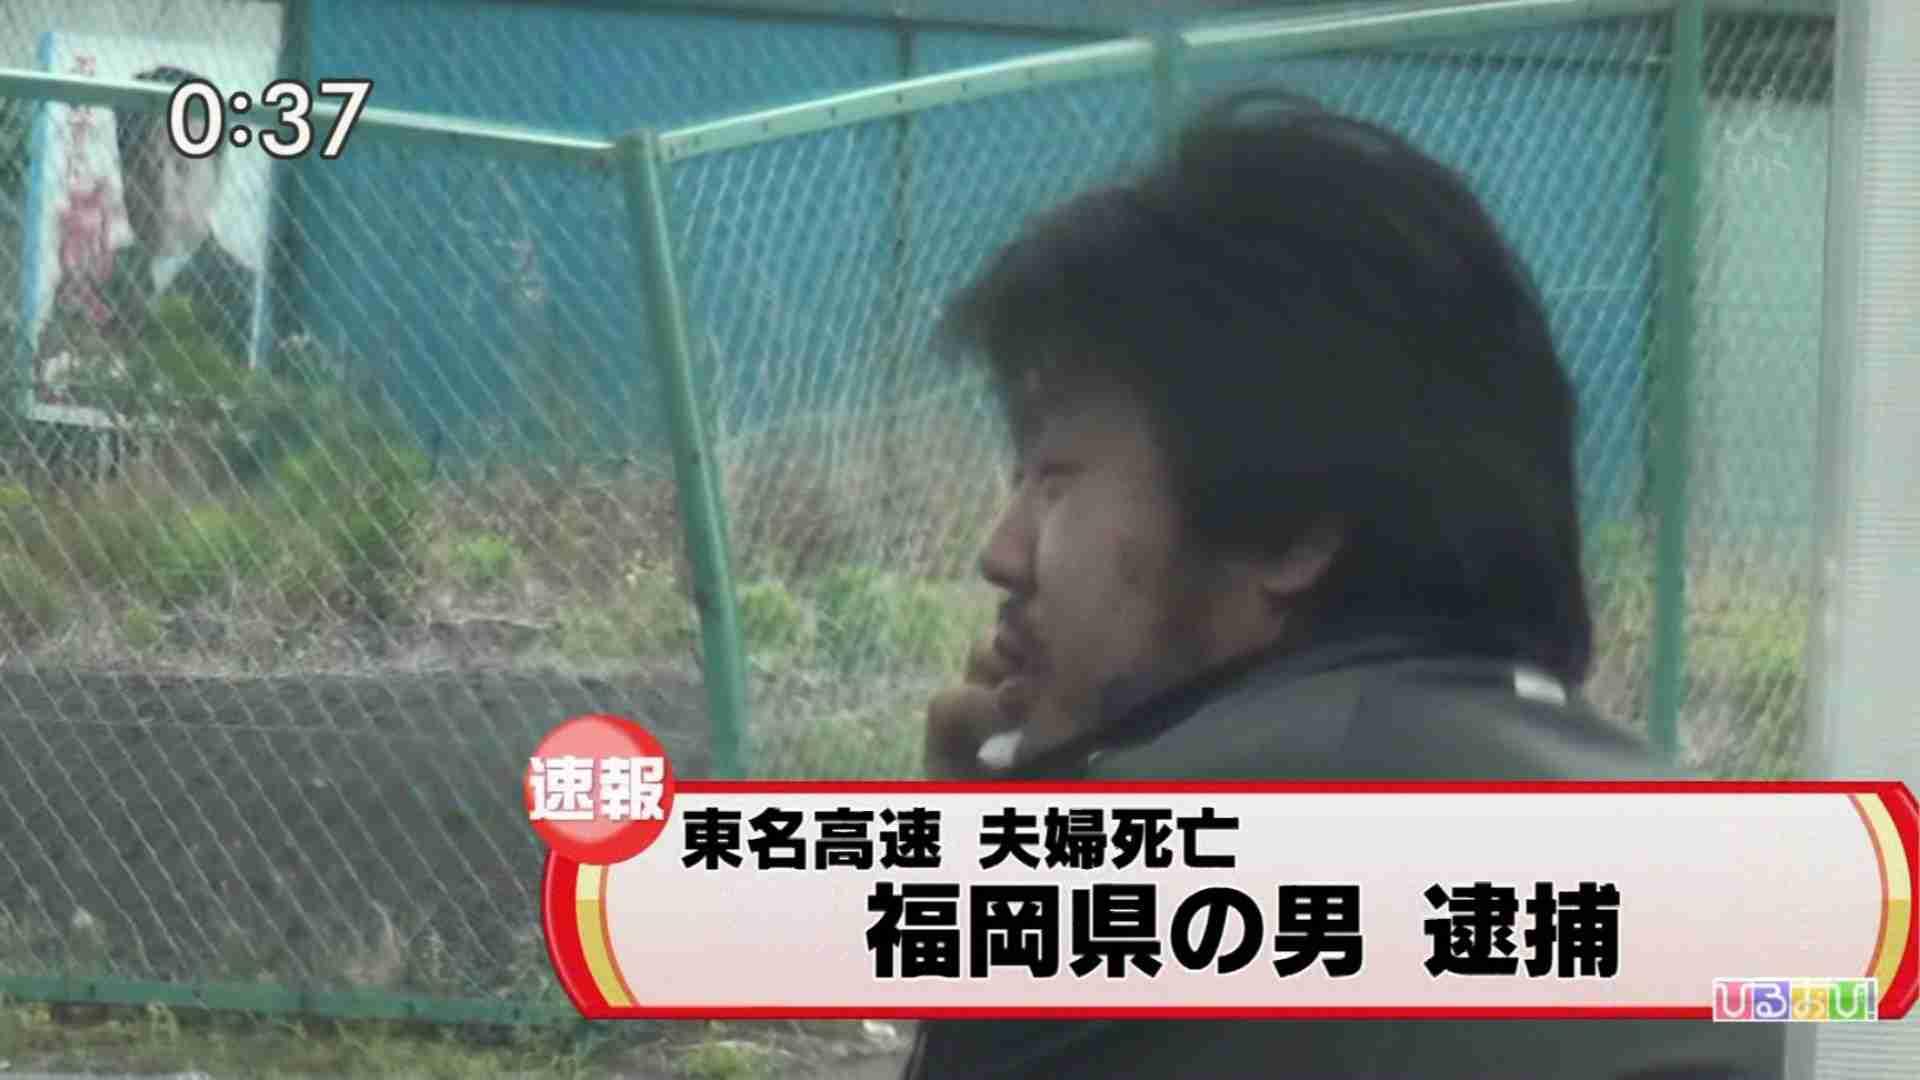 東名夫婦死亡事故、進路を塞ぎ停車させた疑いで男逮捕